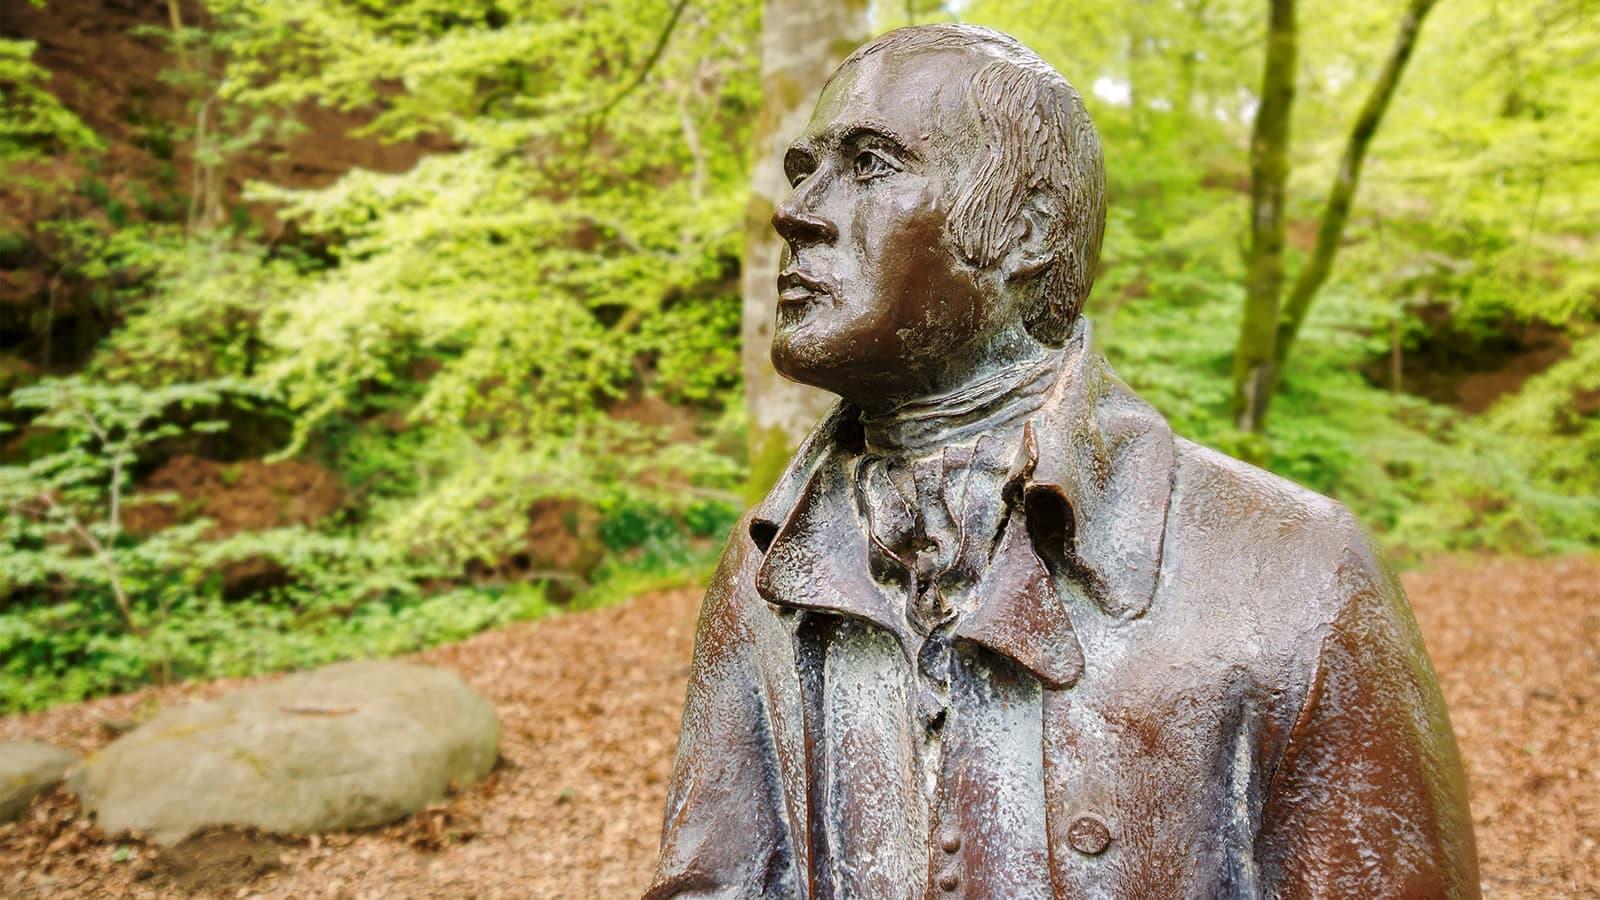 Statue of poet Robert Burns in wooded area